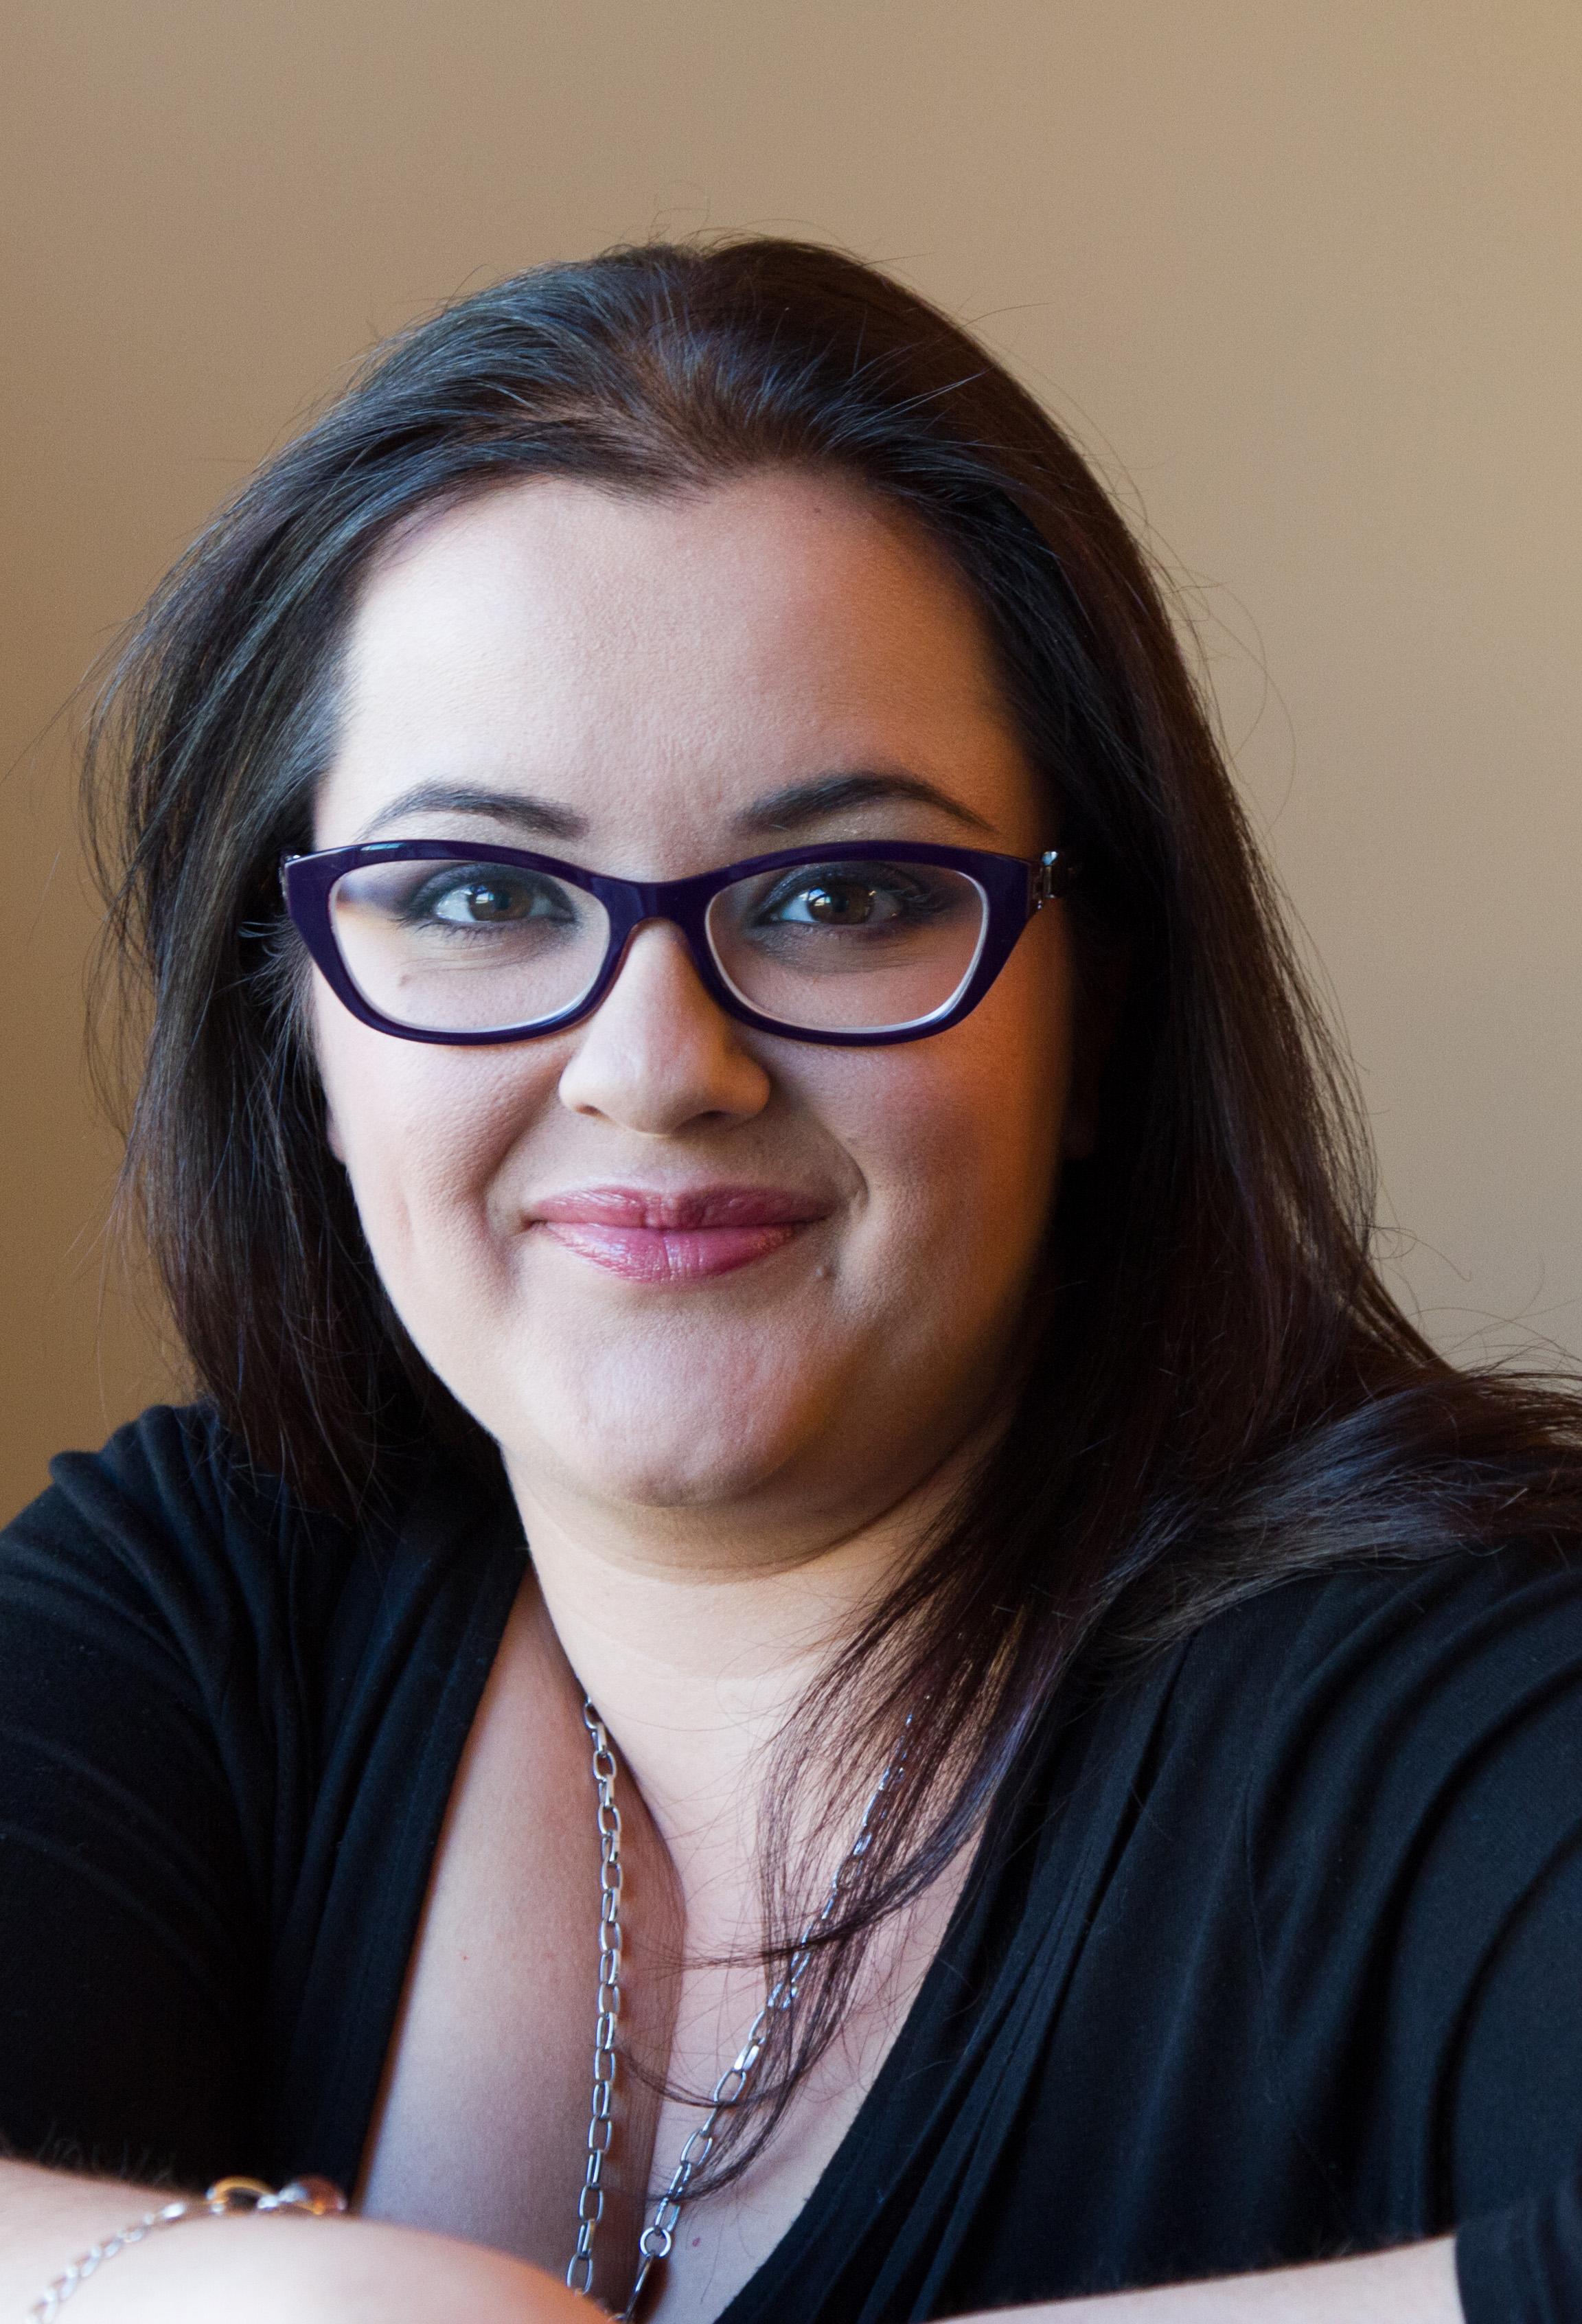 Stephanie Ostermann of Vivid & Brave